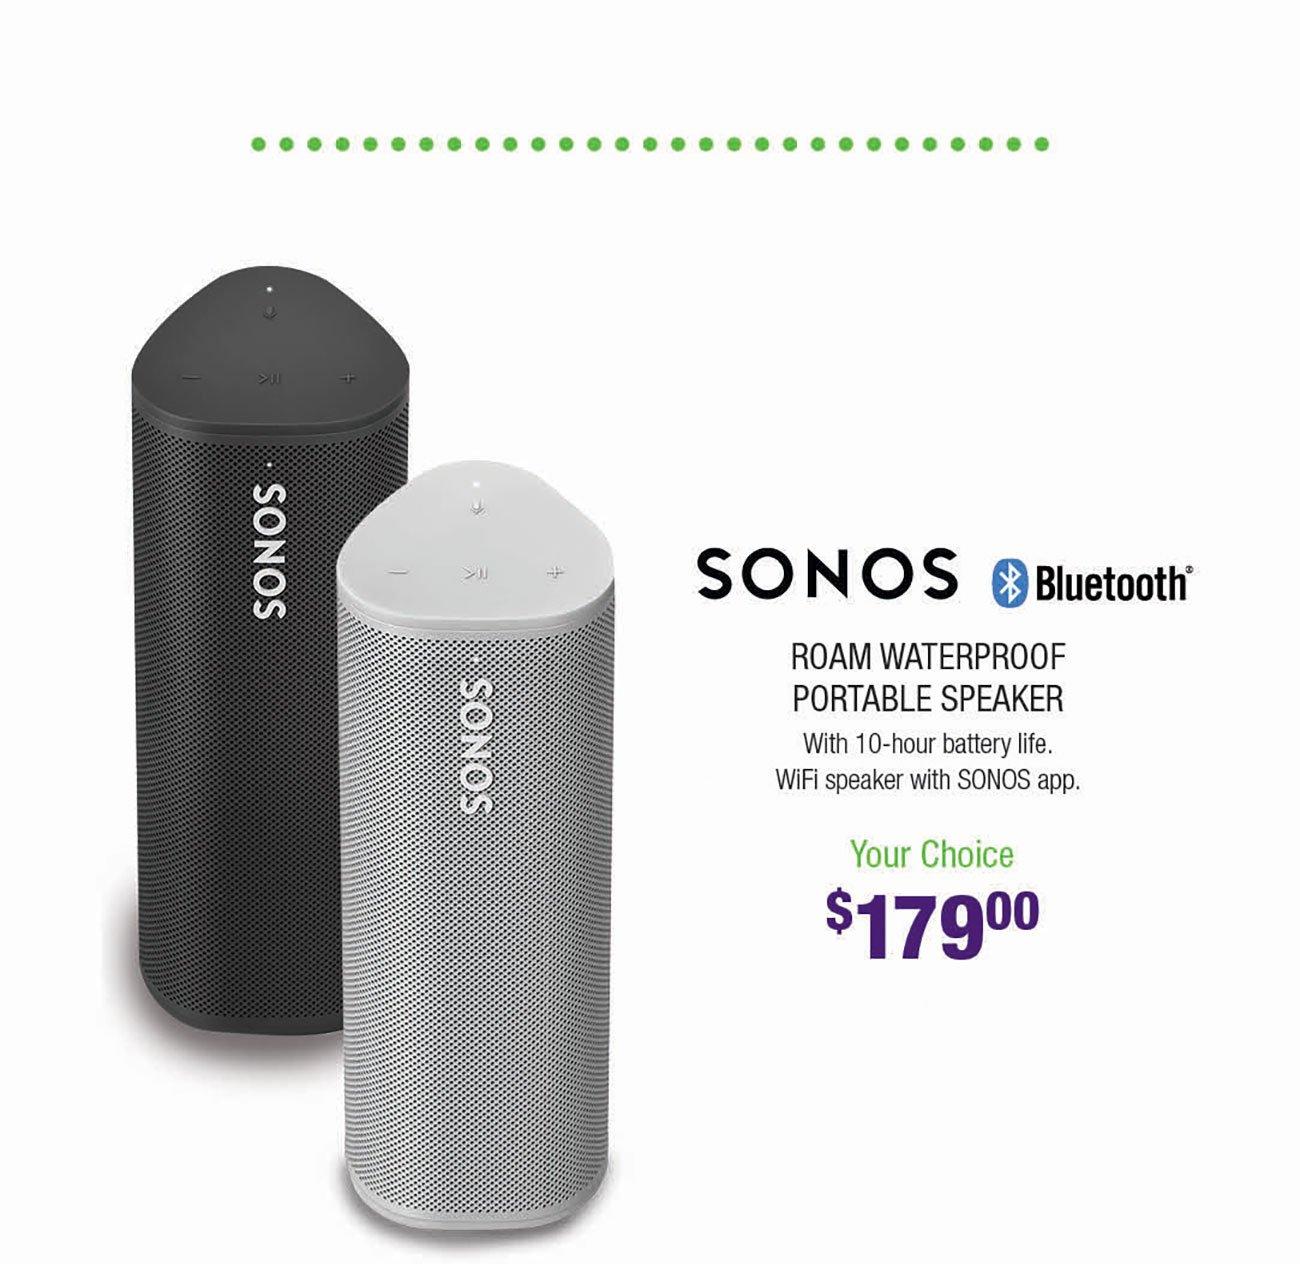 Sonos-Roam-Waterproof-Portable-Speakers